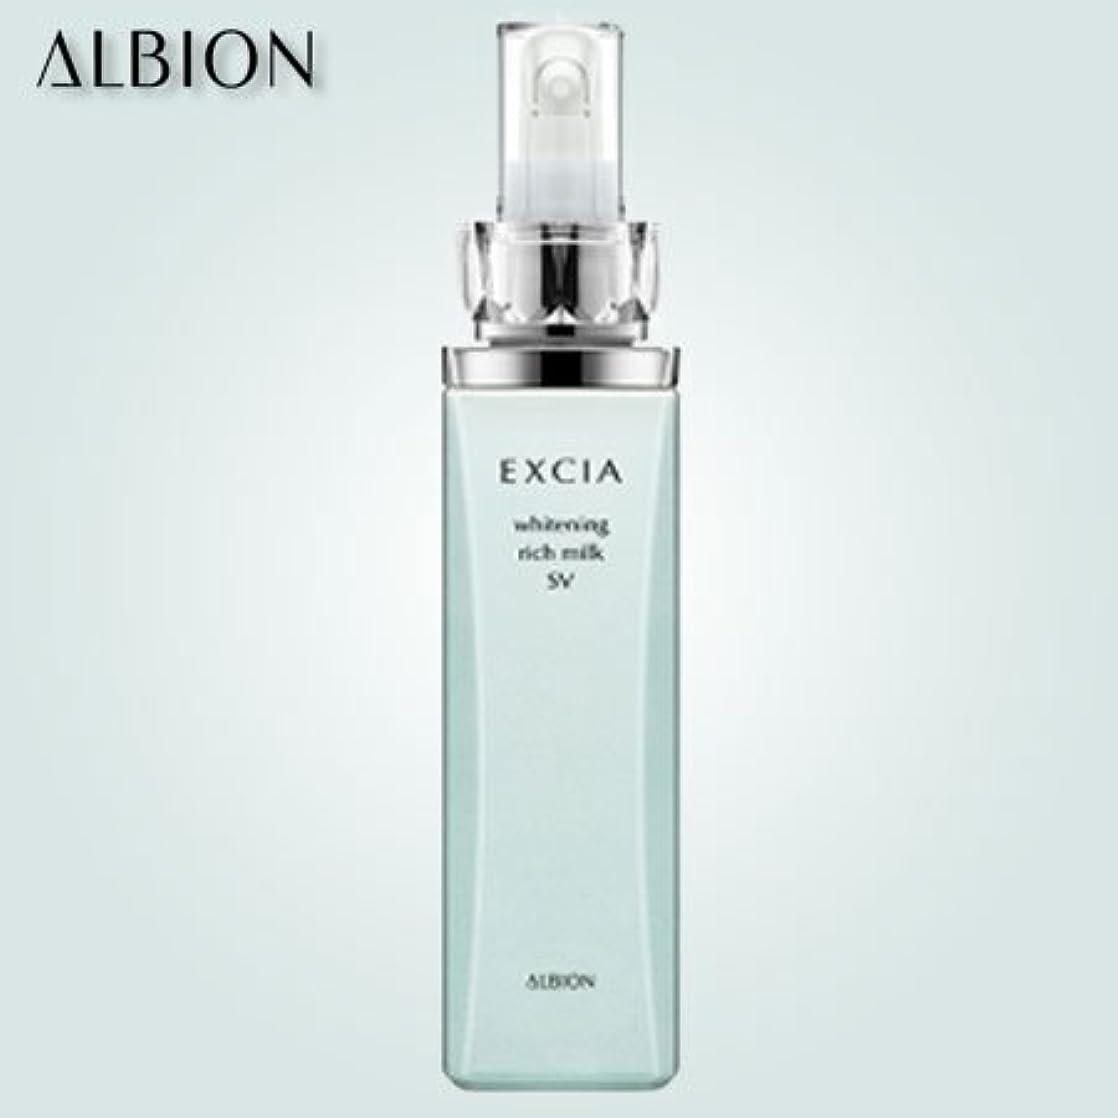 西みなさん名誉アルビオン エクシアAL ホワイトニング エクストラリッチミルク SV(ノーマル~ドライスキン用)200g-ALBION-